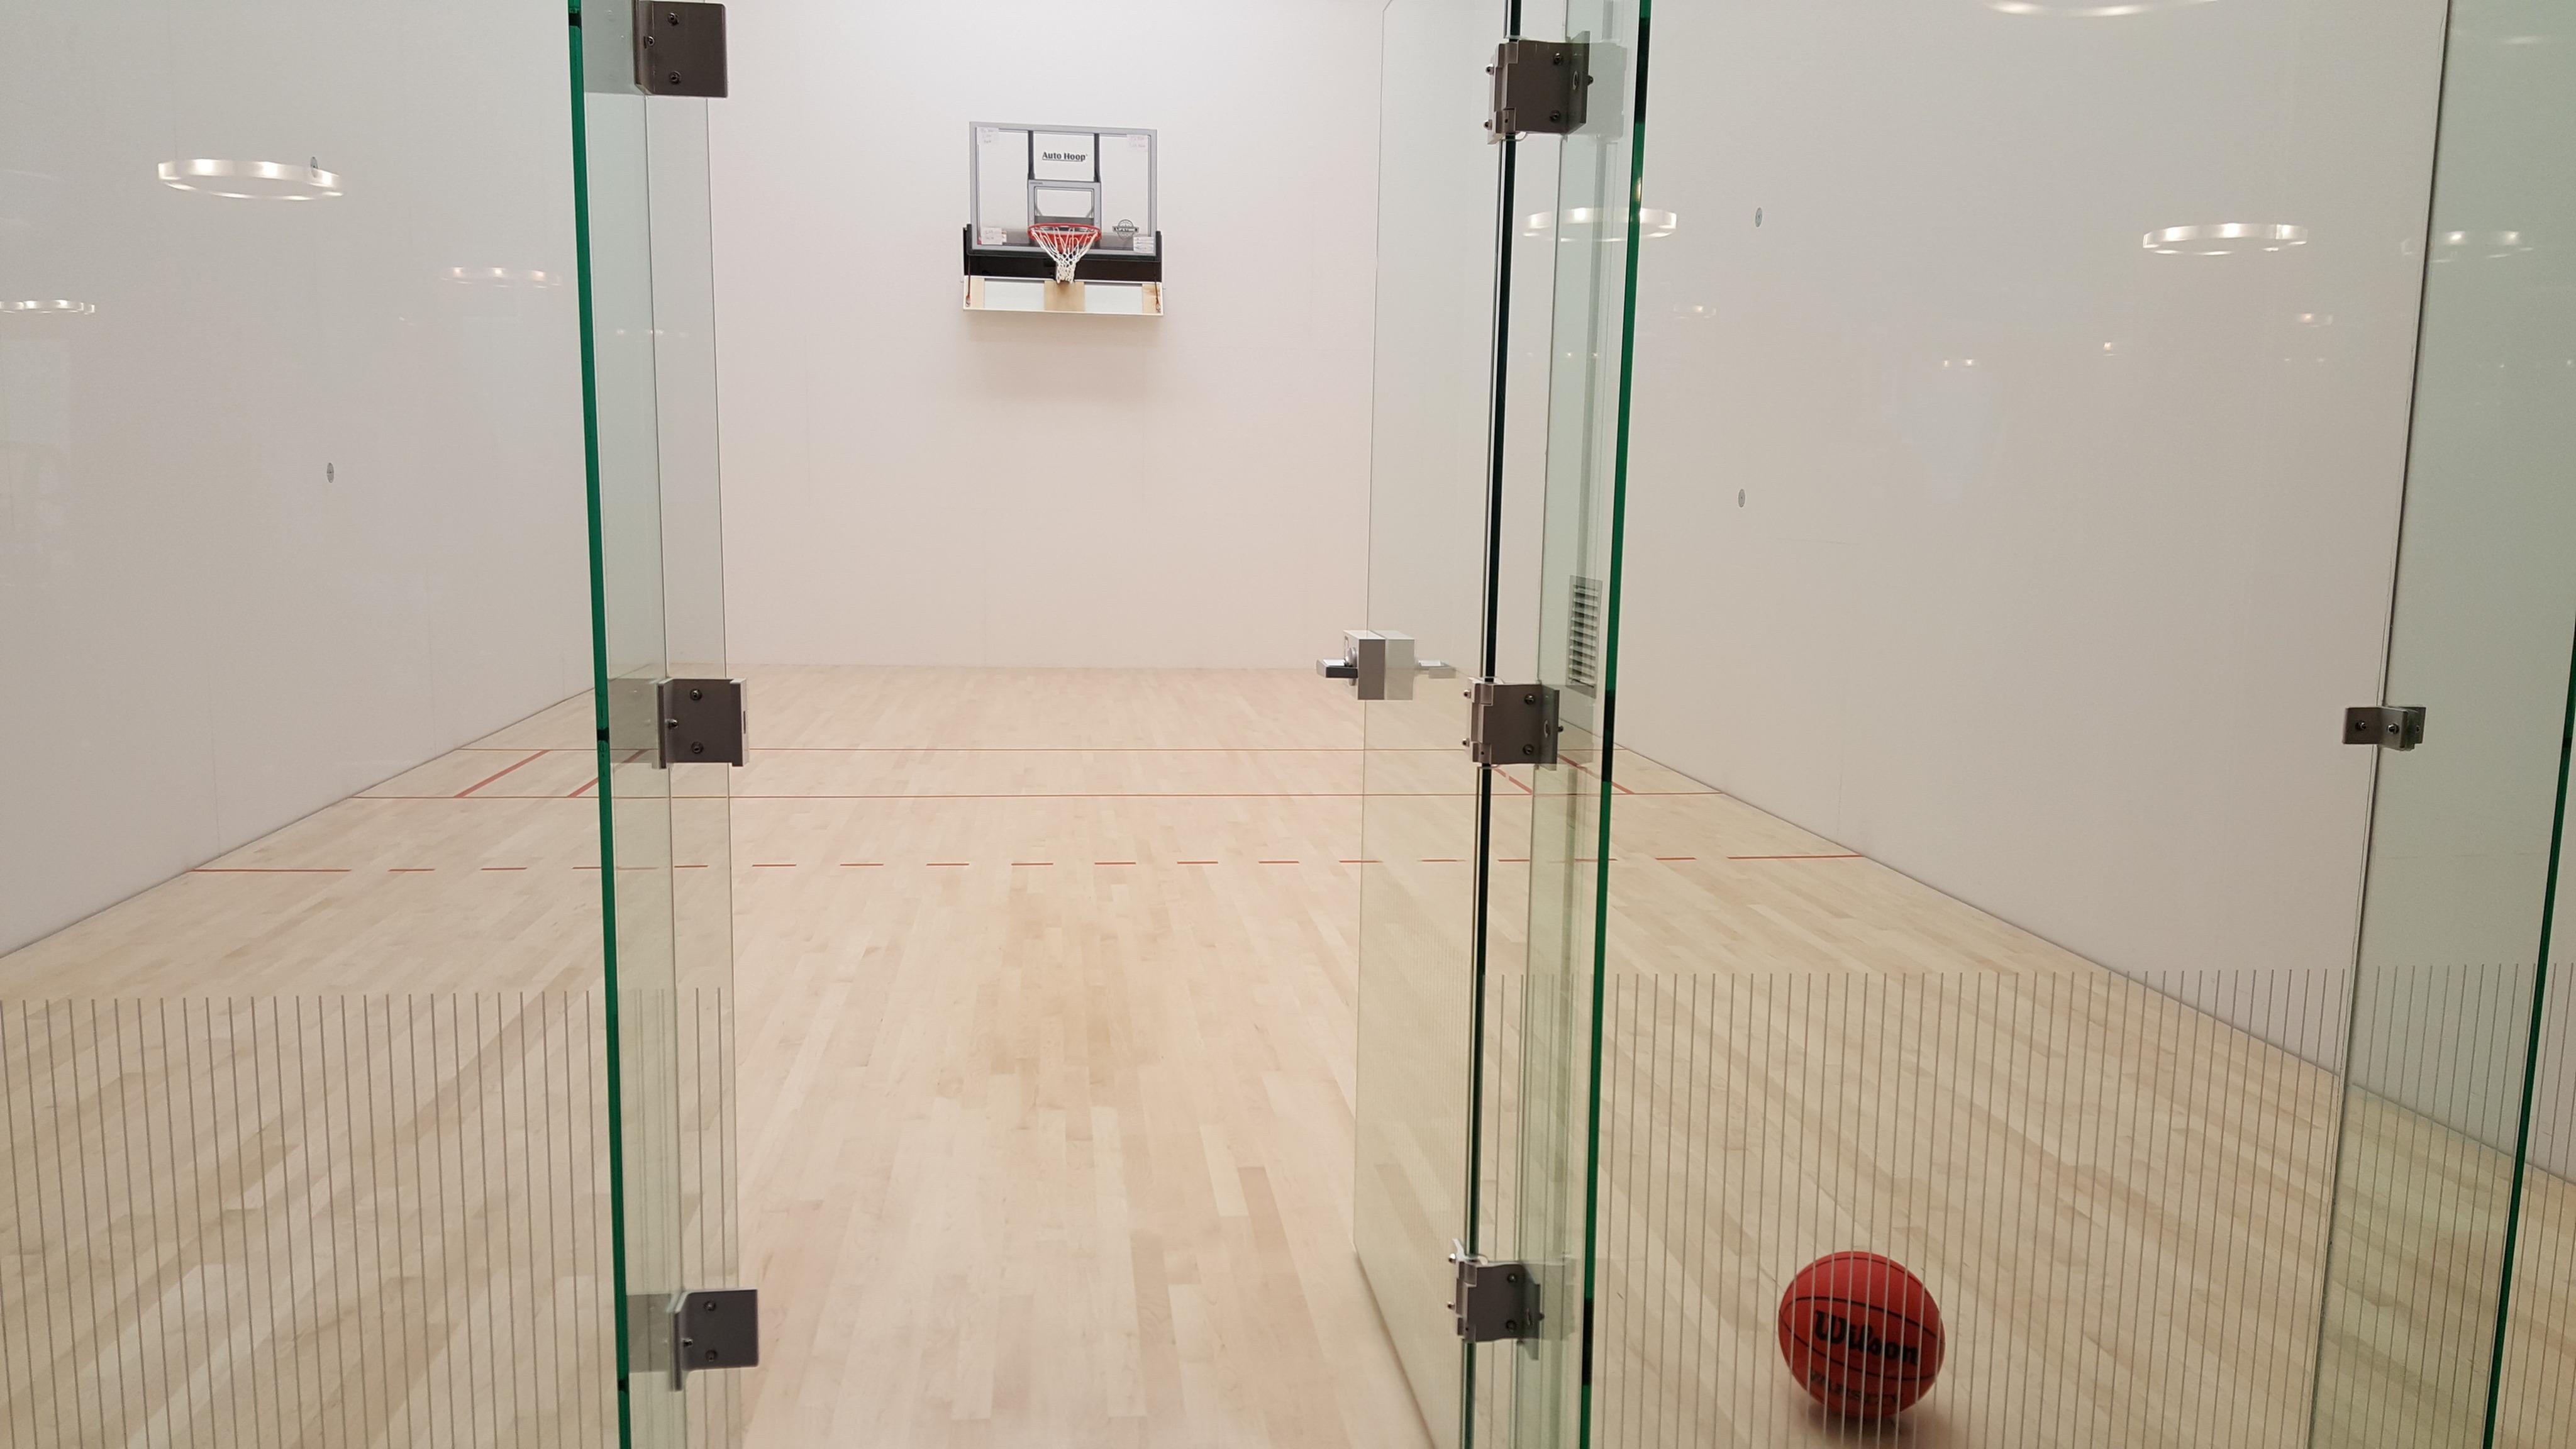 Indoor sport court with basketball net